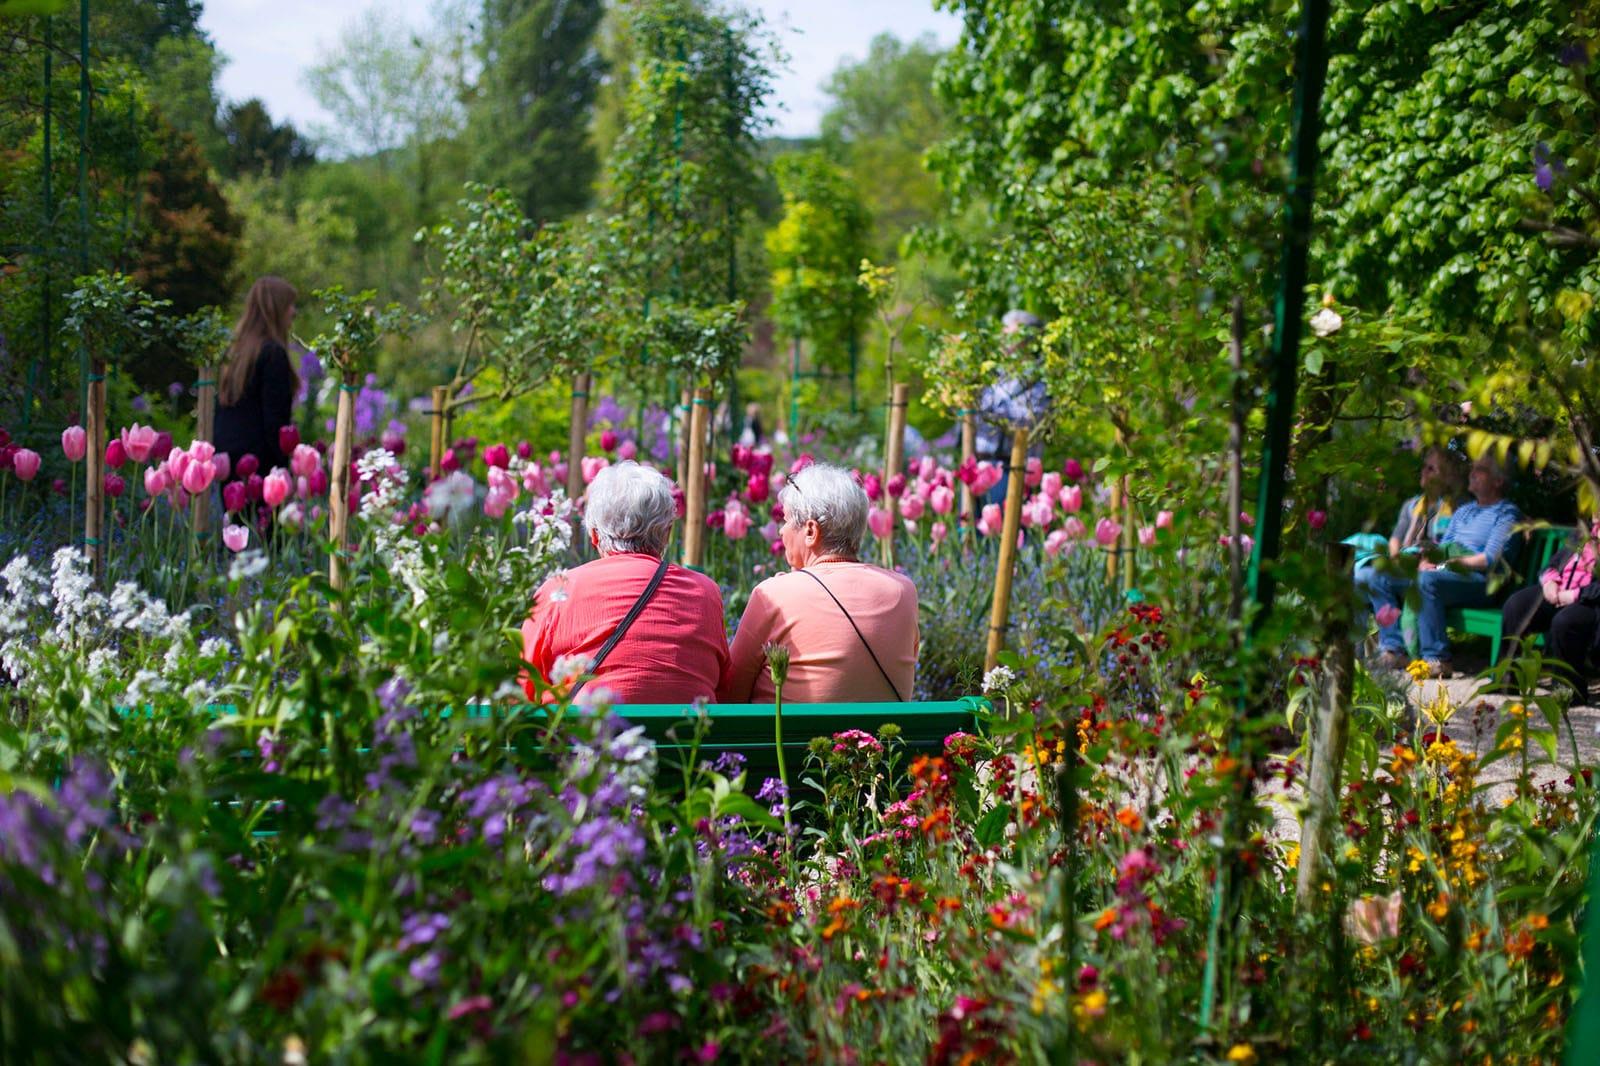 Visite Maison et Jardins de Claude Monet à Giverny. Nouvelle Normandie ©Flick-R-CD27-Sylvain Bachelot